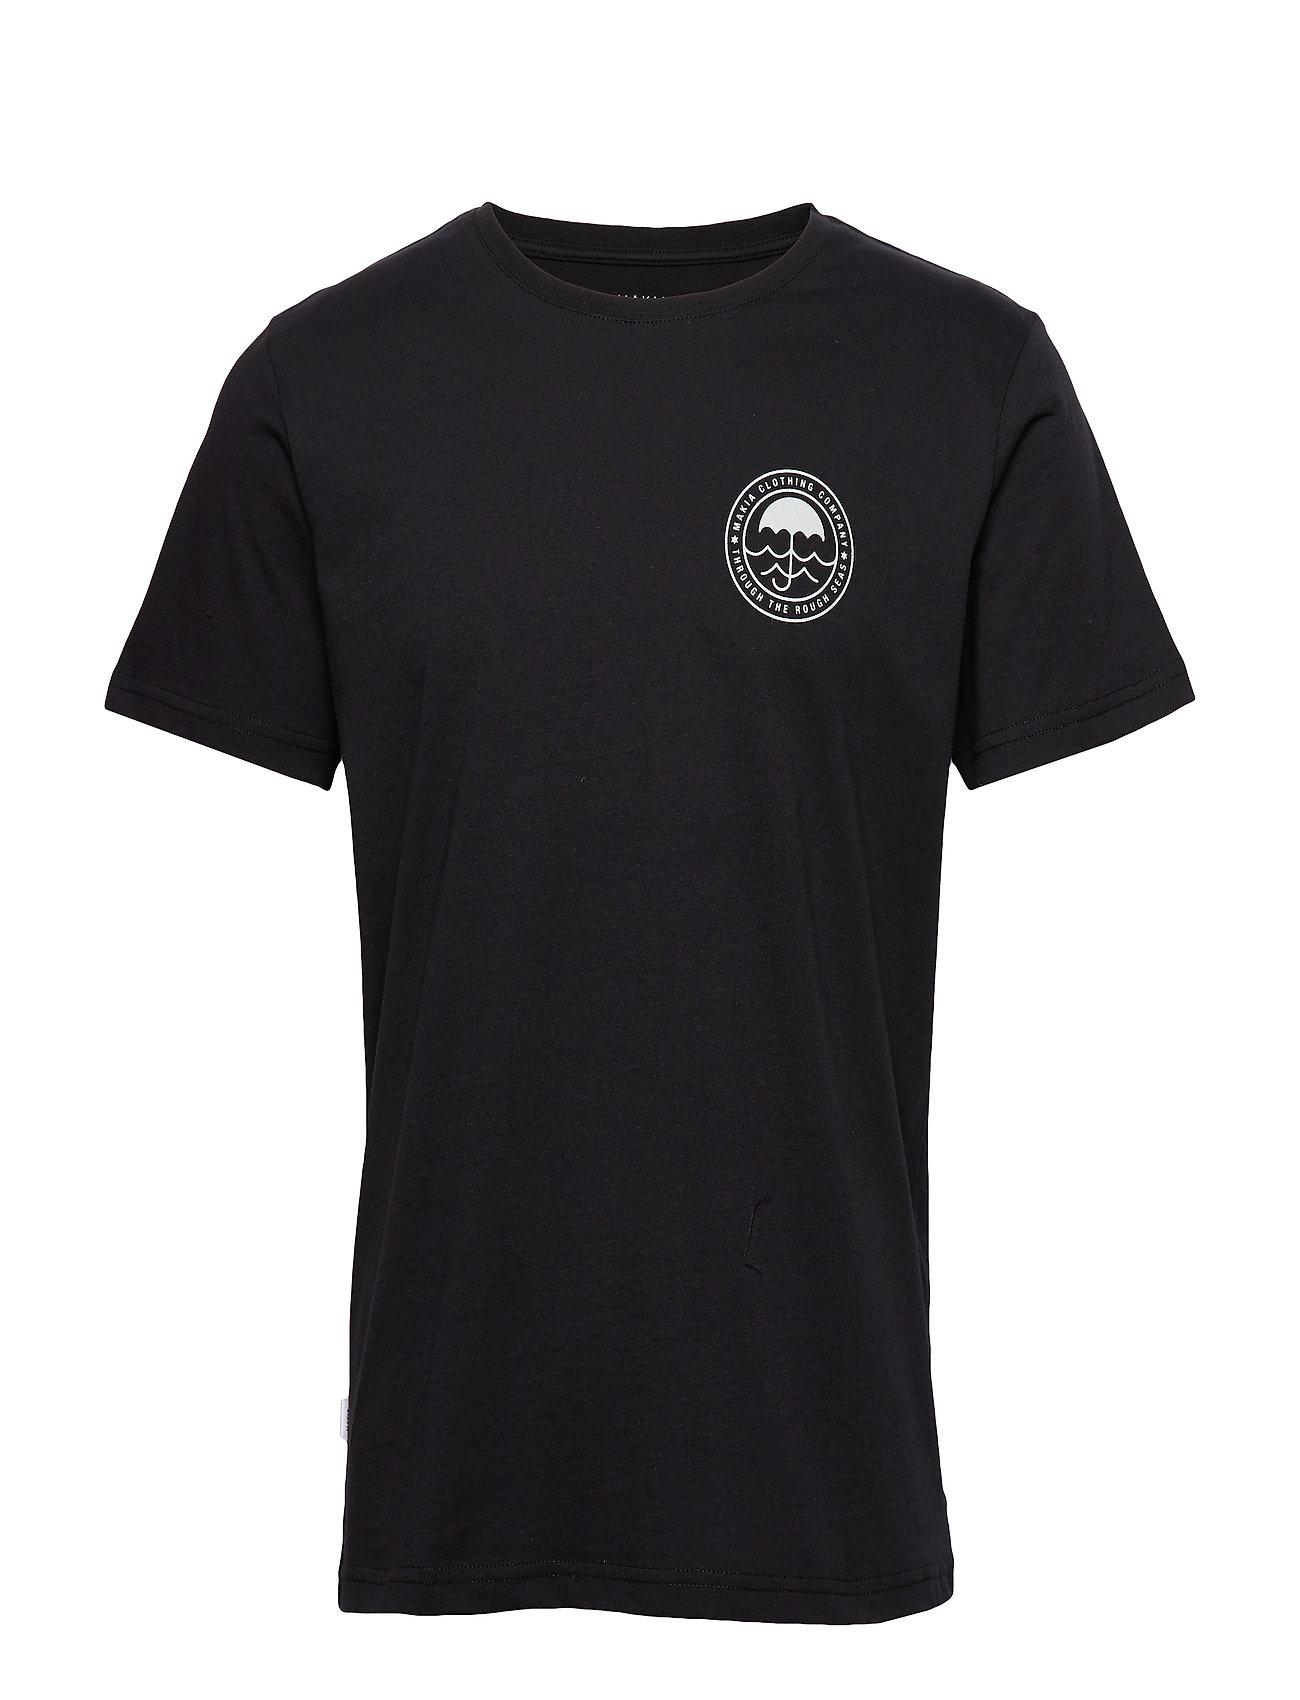 Makia Umbrella T-Shirt - BLACK